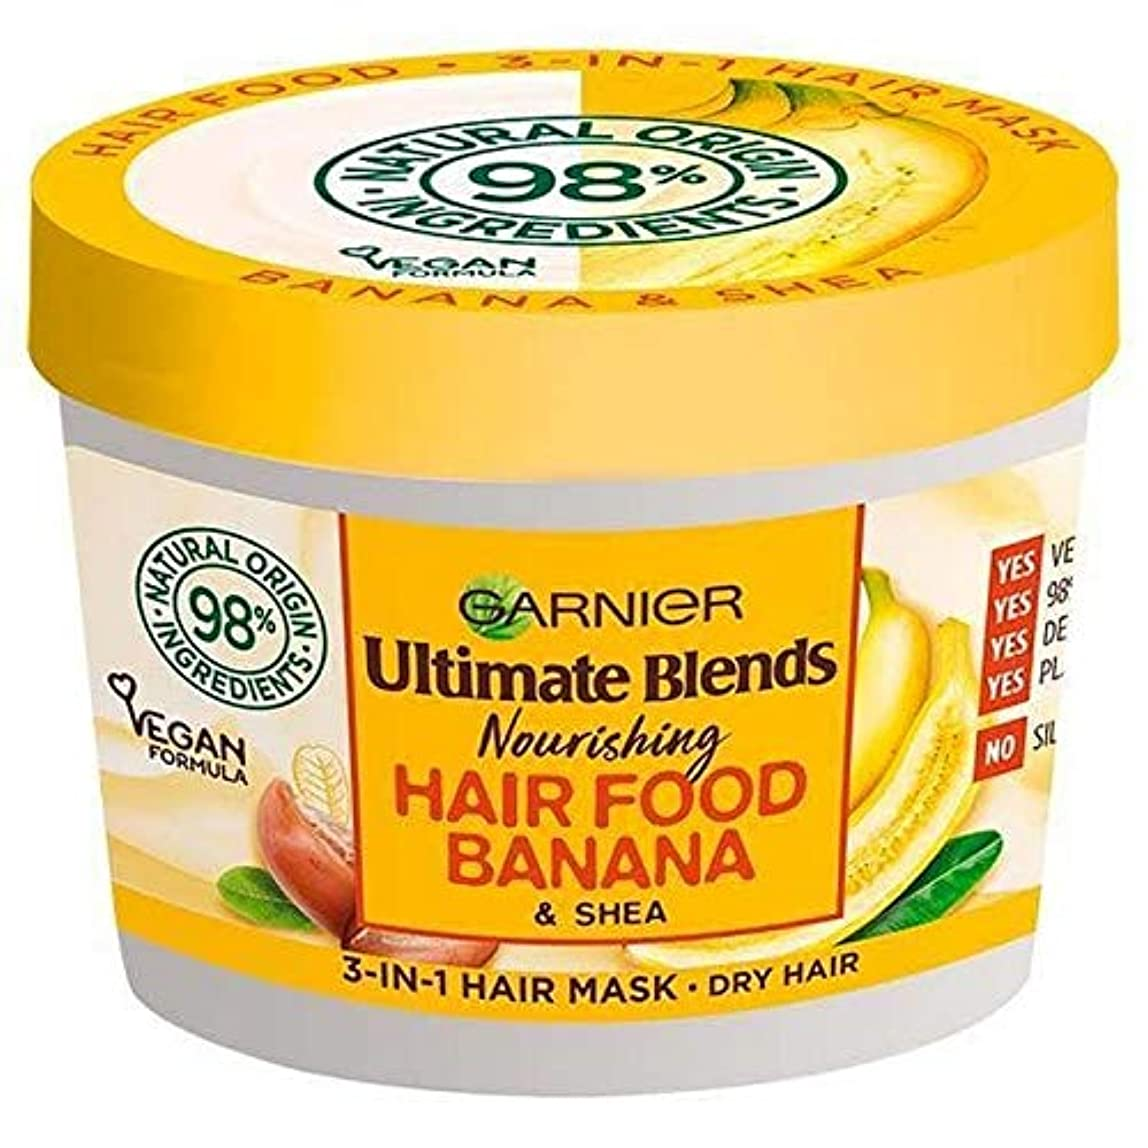 ワーディアンケース切る天井[Garnier ] ガルニエ究極は1つのマスク390ミリリットルでヘア食品バナナ3をブレンド - Garnier Ultimate Blends Hair Food Banana 3 in 1 Mask 390ml [...